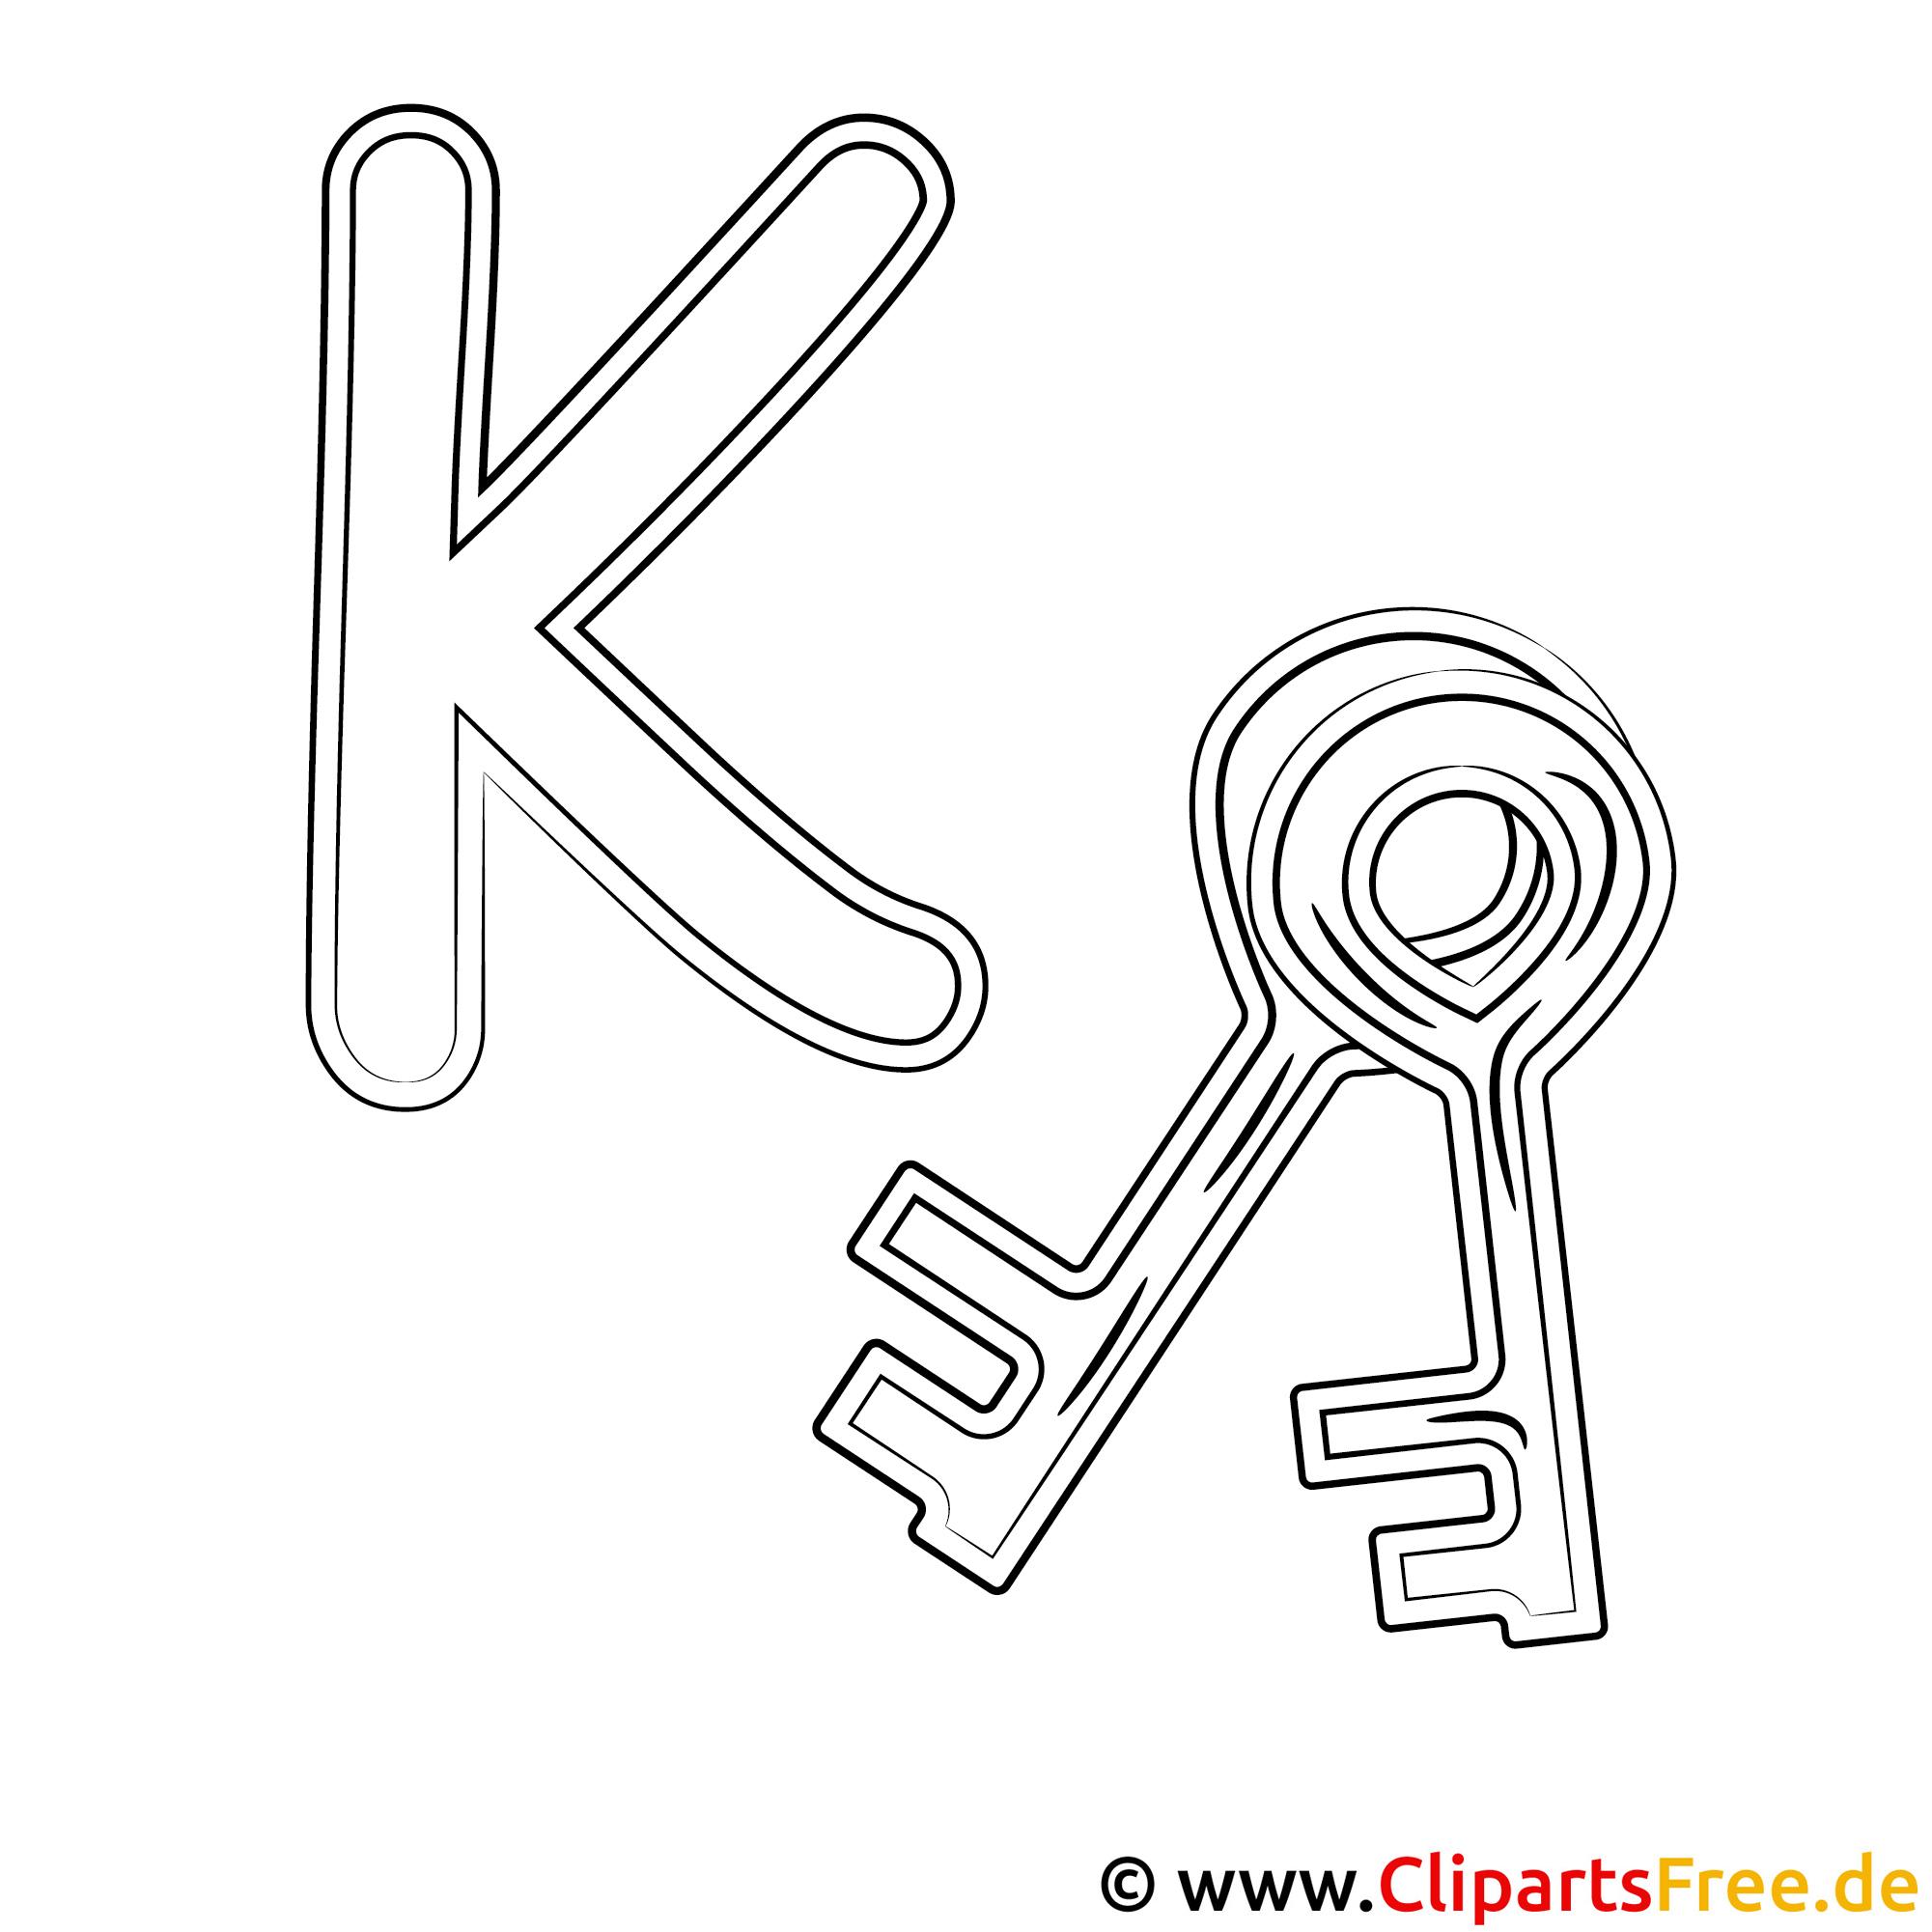 Key - Buchstaben von A bis Z zum Ausmalen